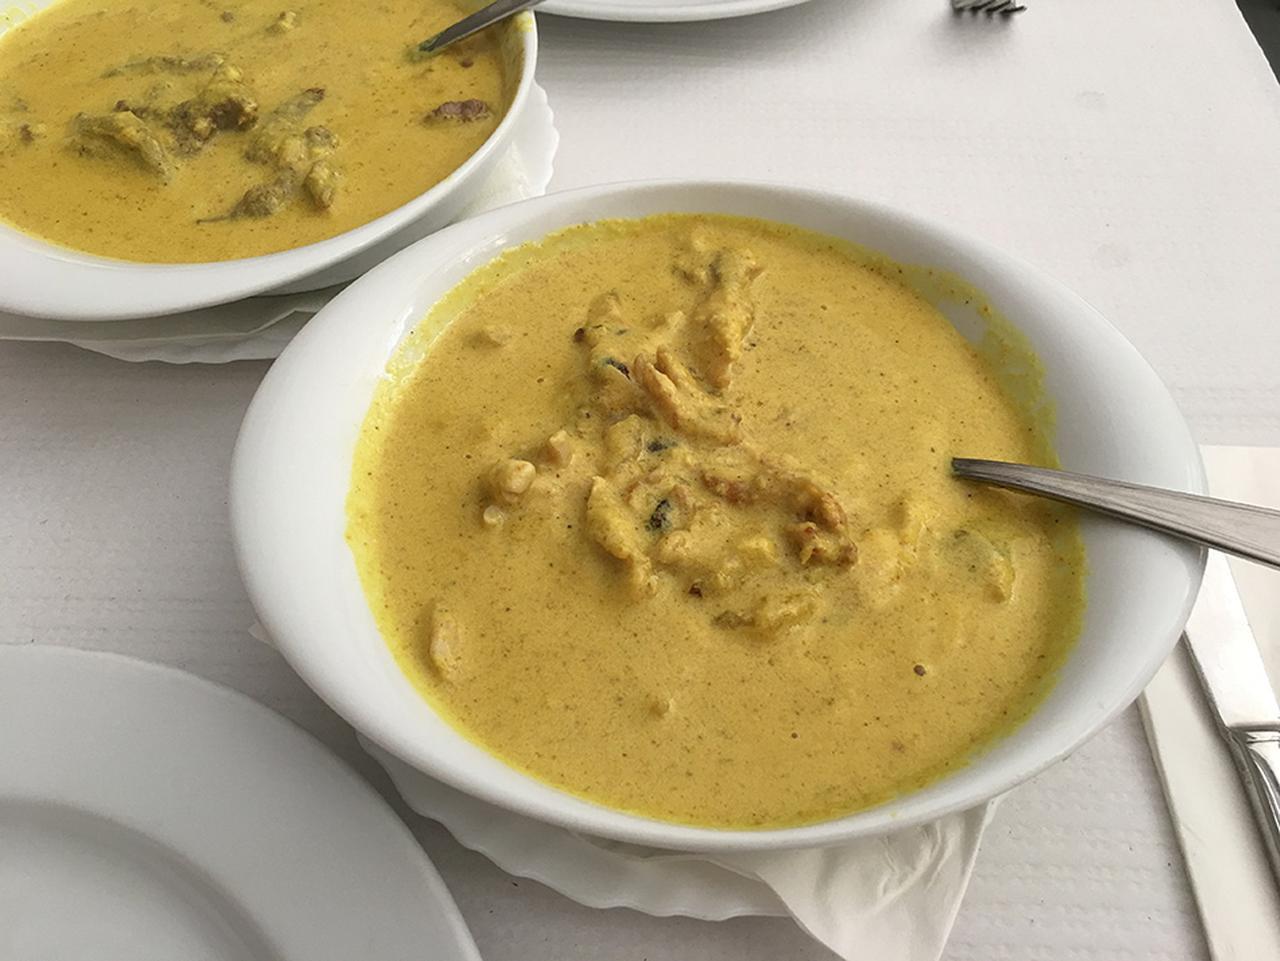 画像2: ポルトガルで食べた「Caril」